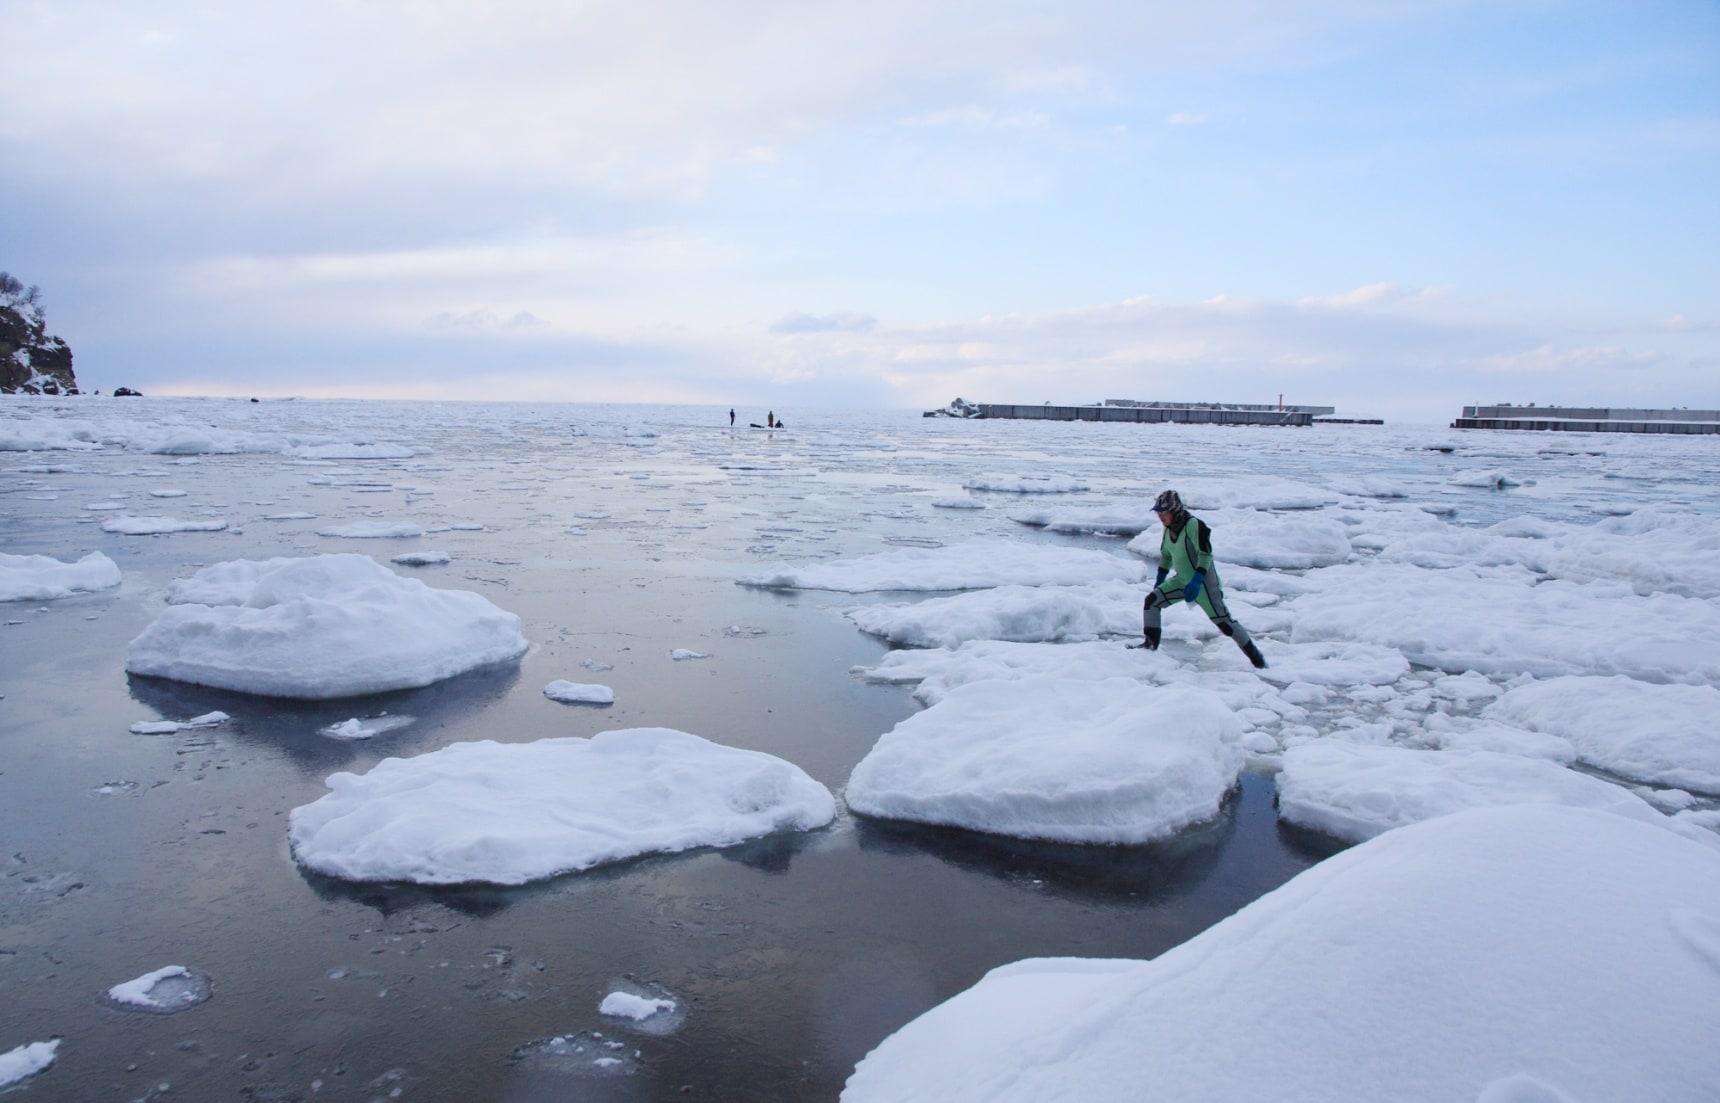 【北海道自由行】在鄂霍次克海的中央漂流!知床宇登呂溫泉地區流冰漫步全攻略!